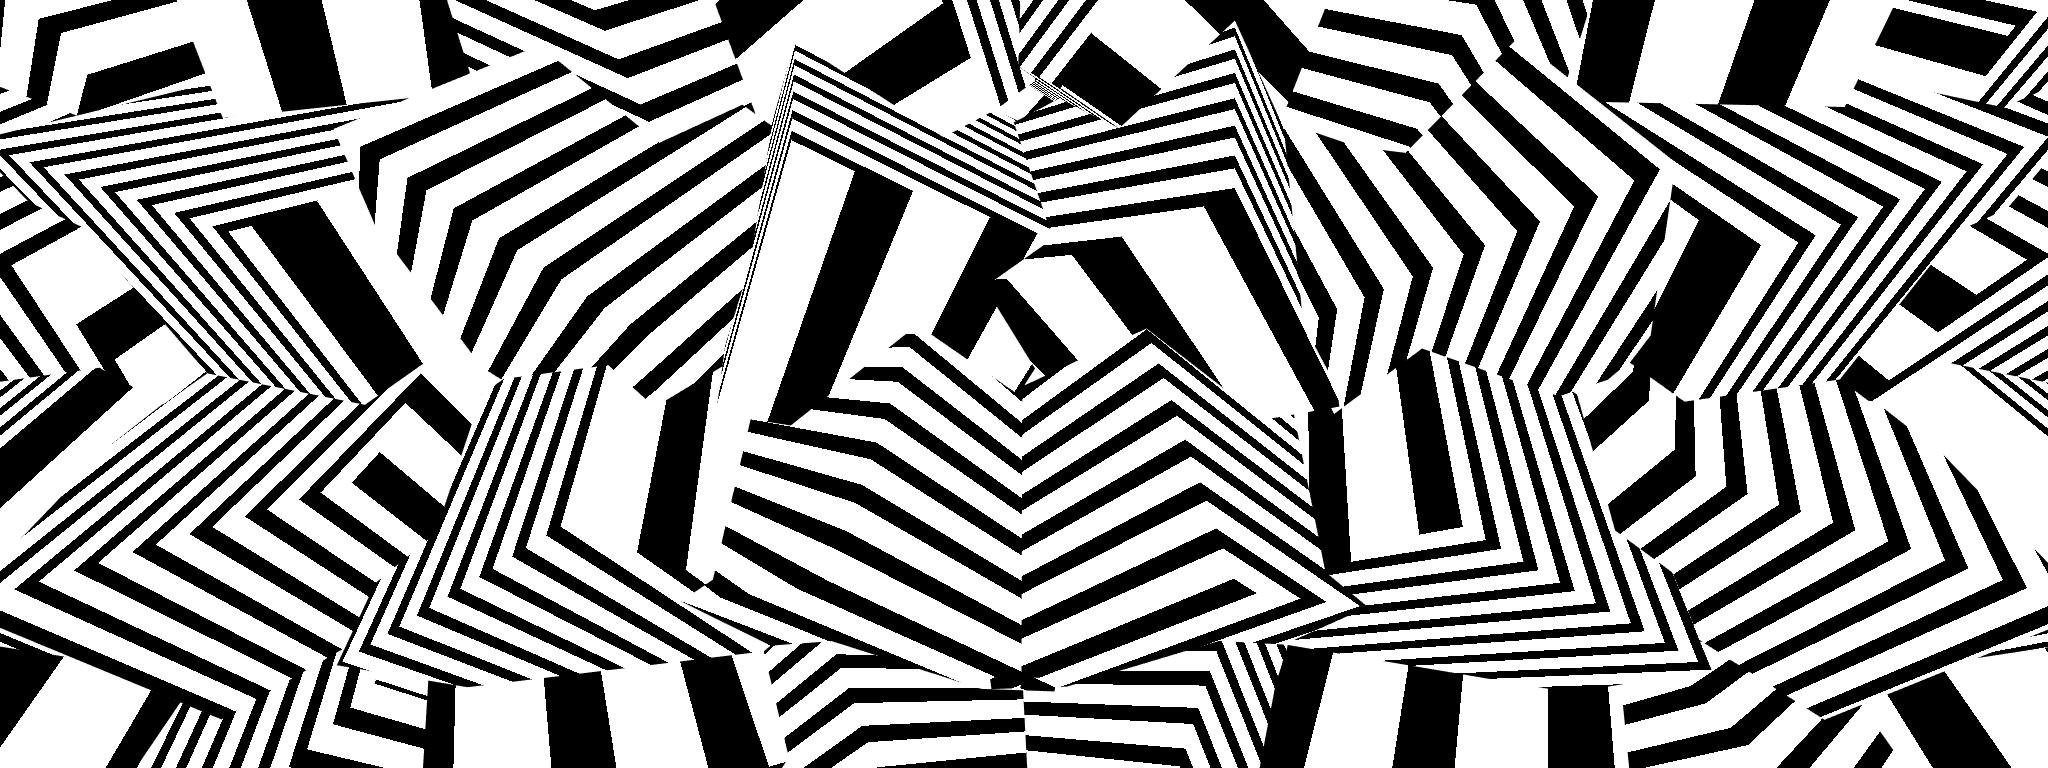 WritingsLayer 2014-09-05-23-57-45-800.png